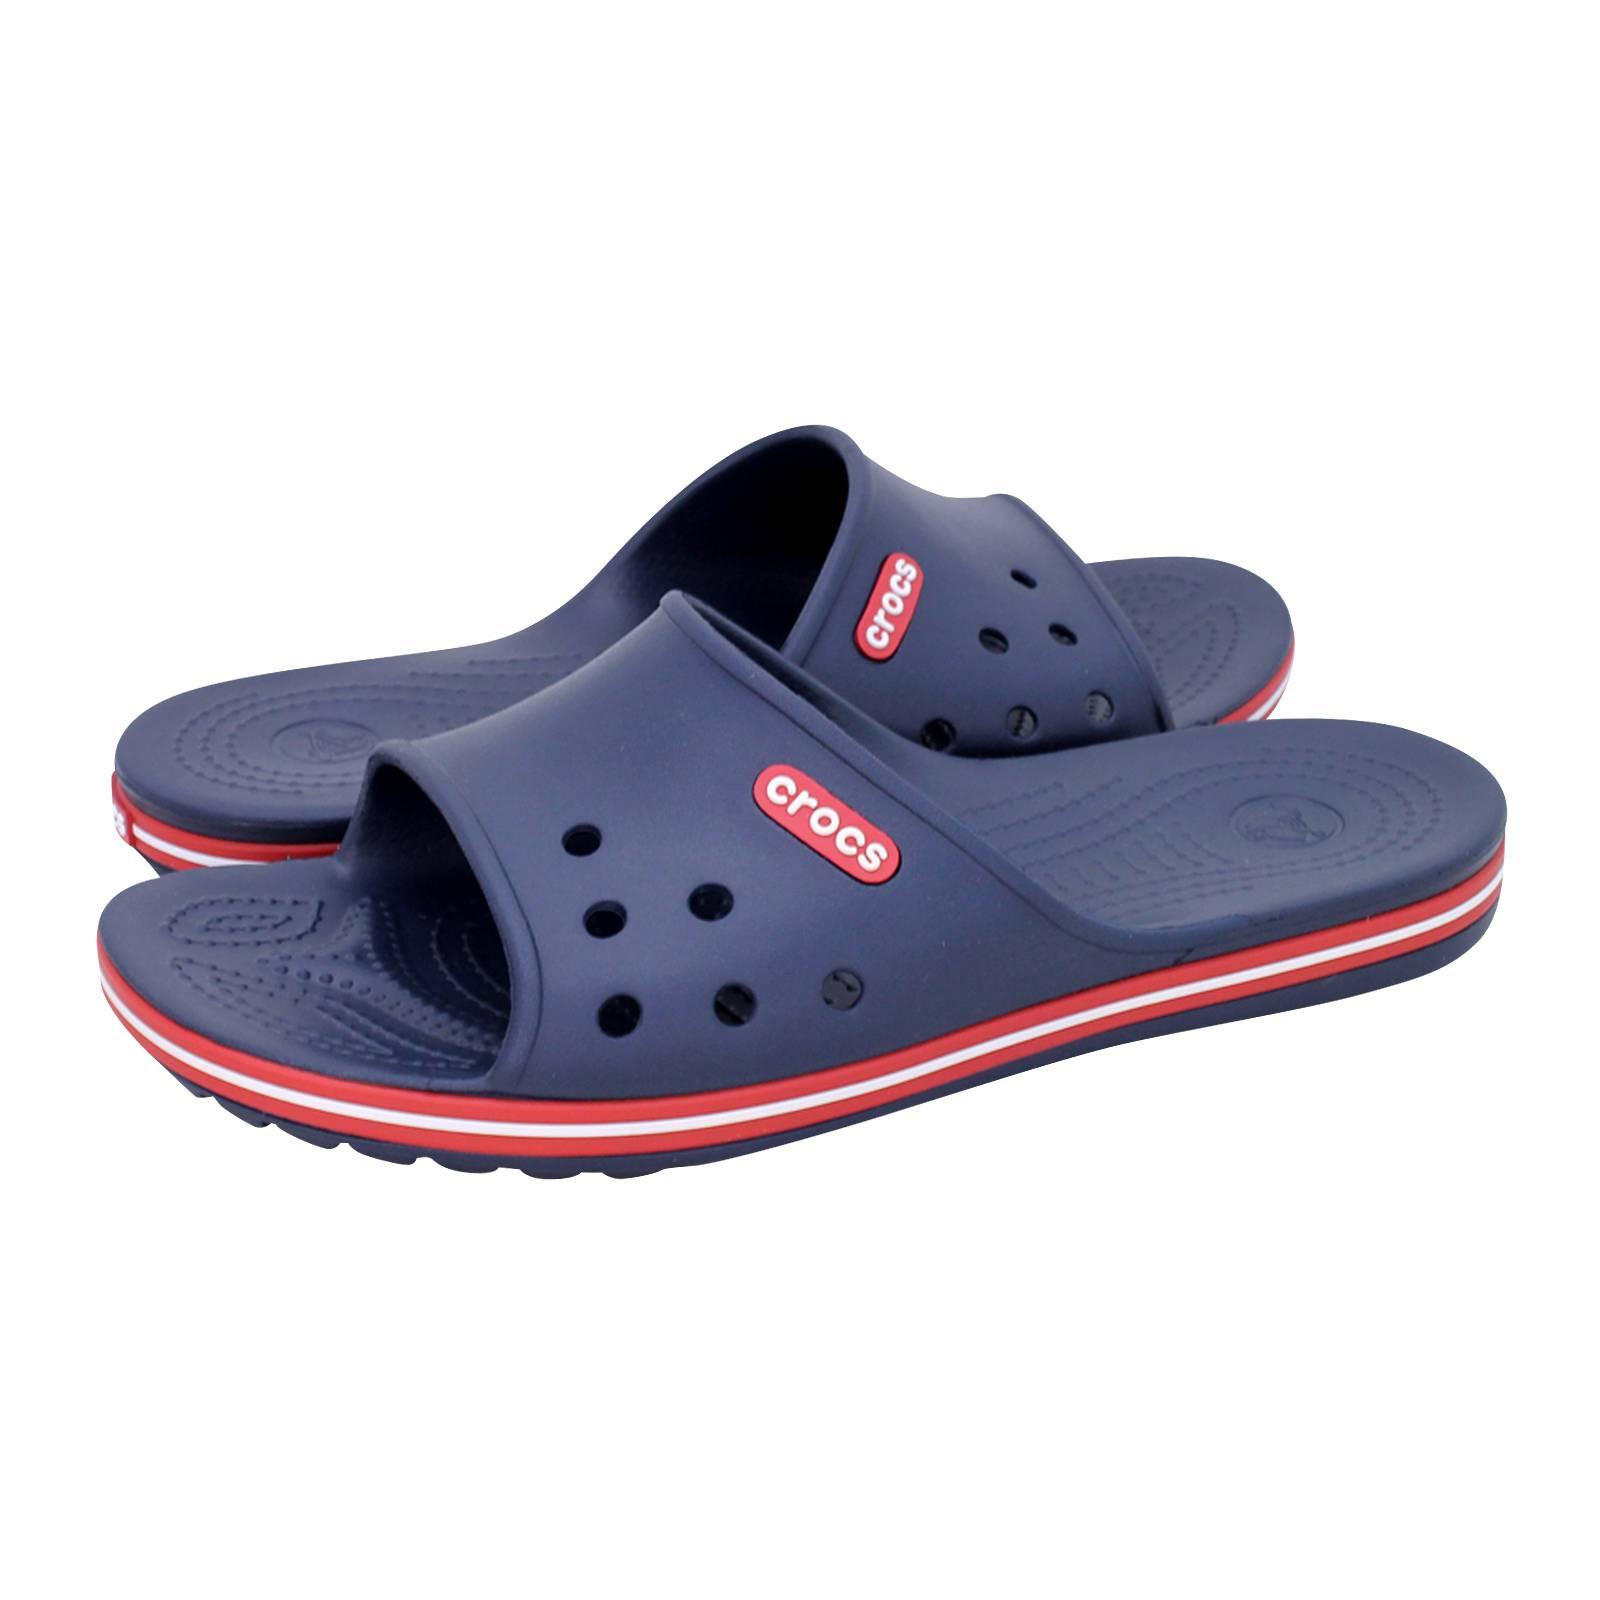 00946617ac1 Crocband II Slide - Ανδρικά σανδάλια Crocs από croslite - Gianna ...